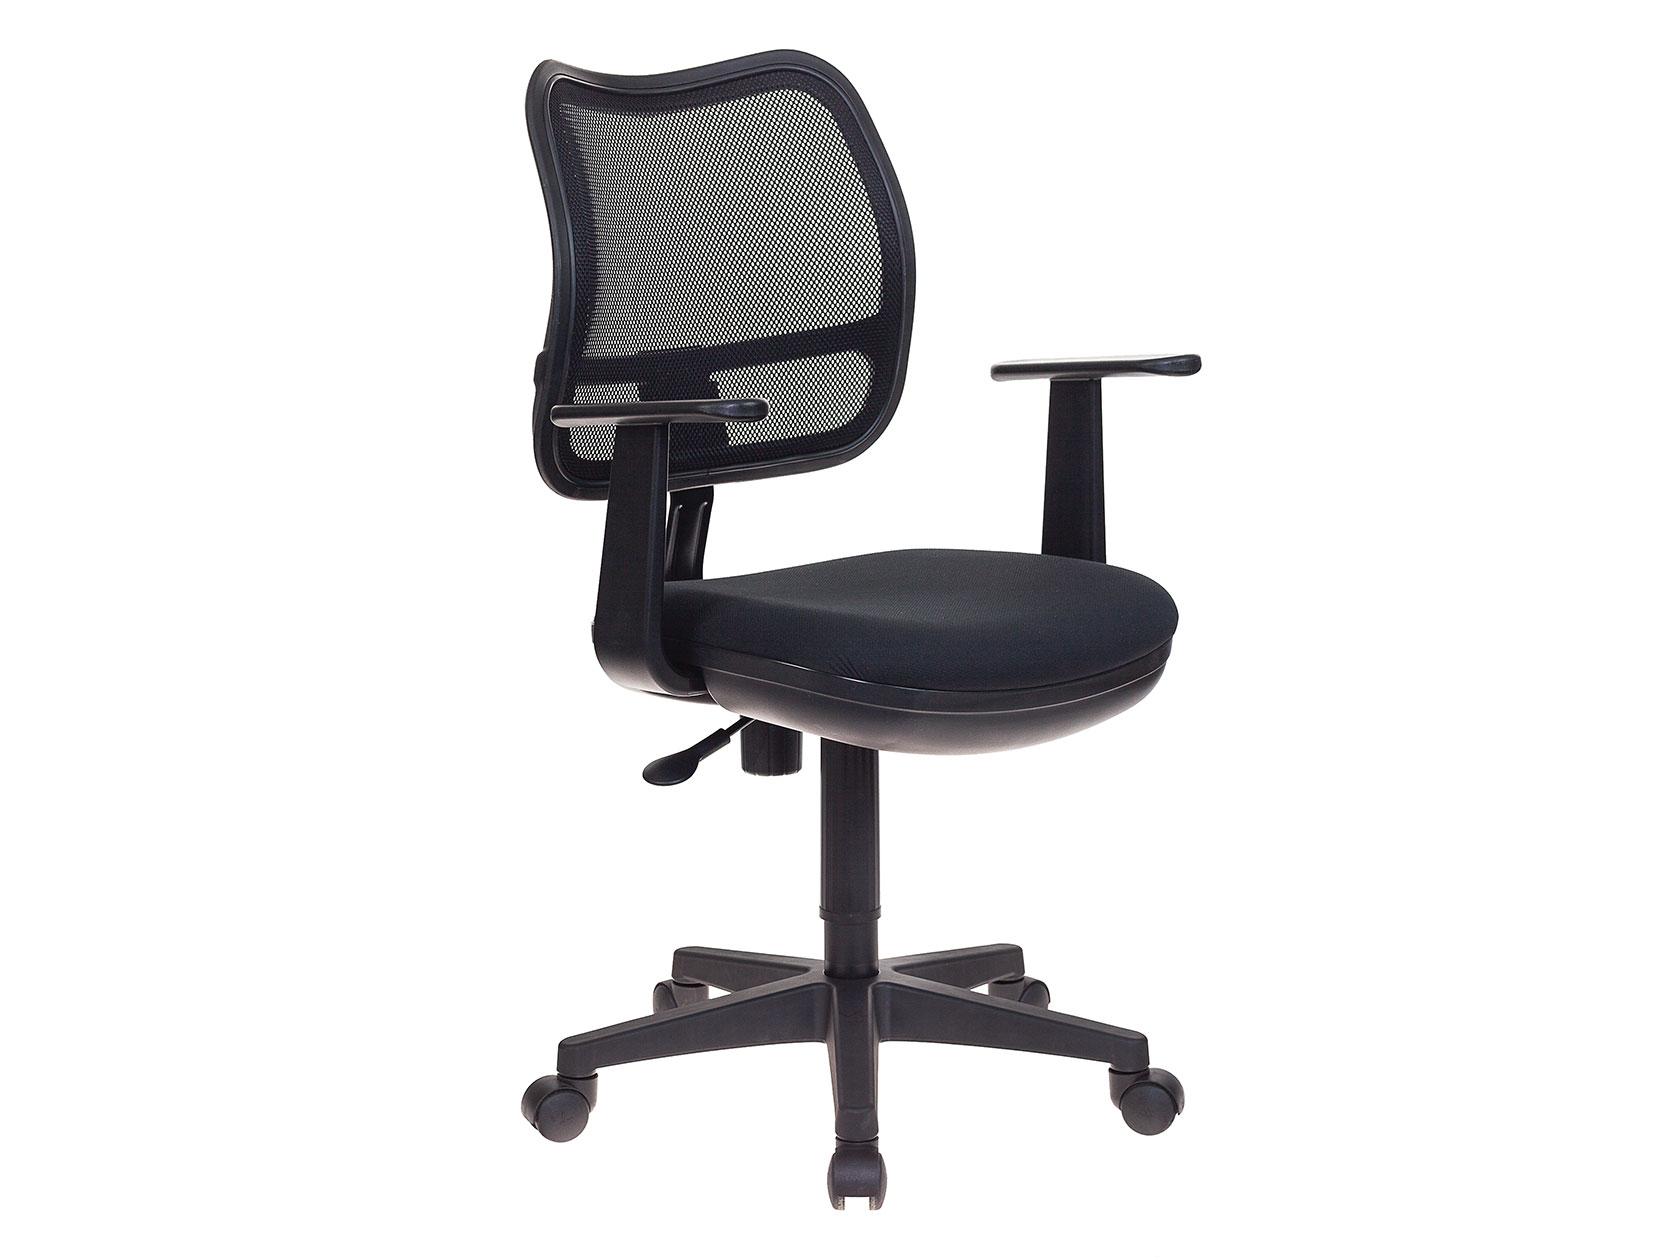 Офисное кресло на колесиках 147-58312